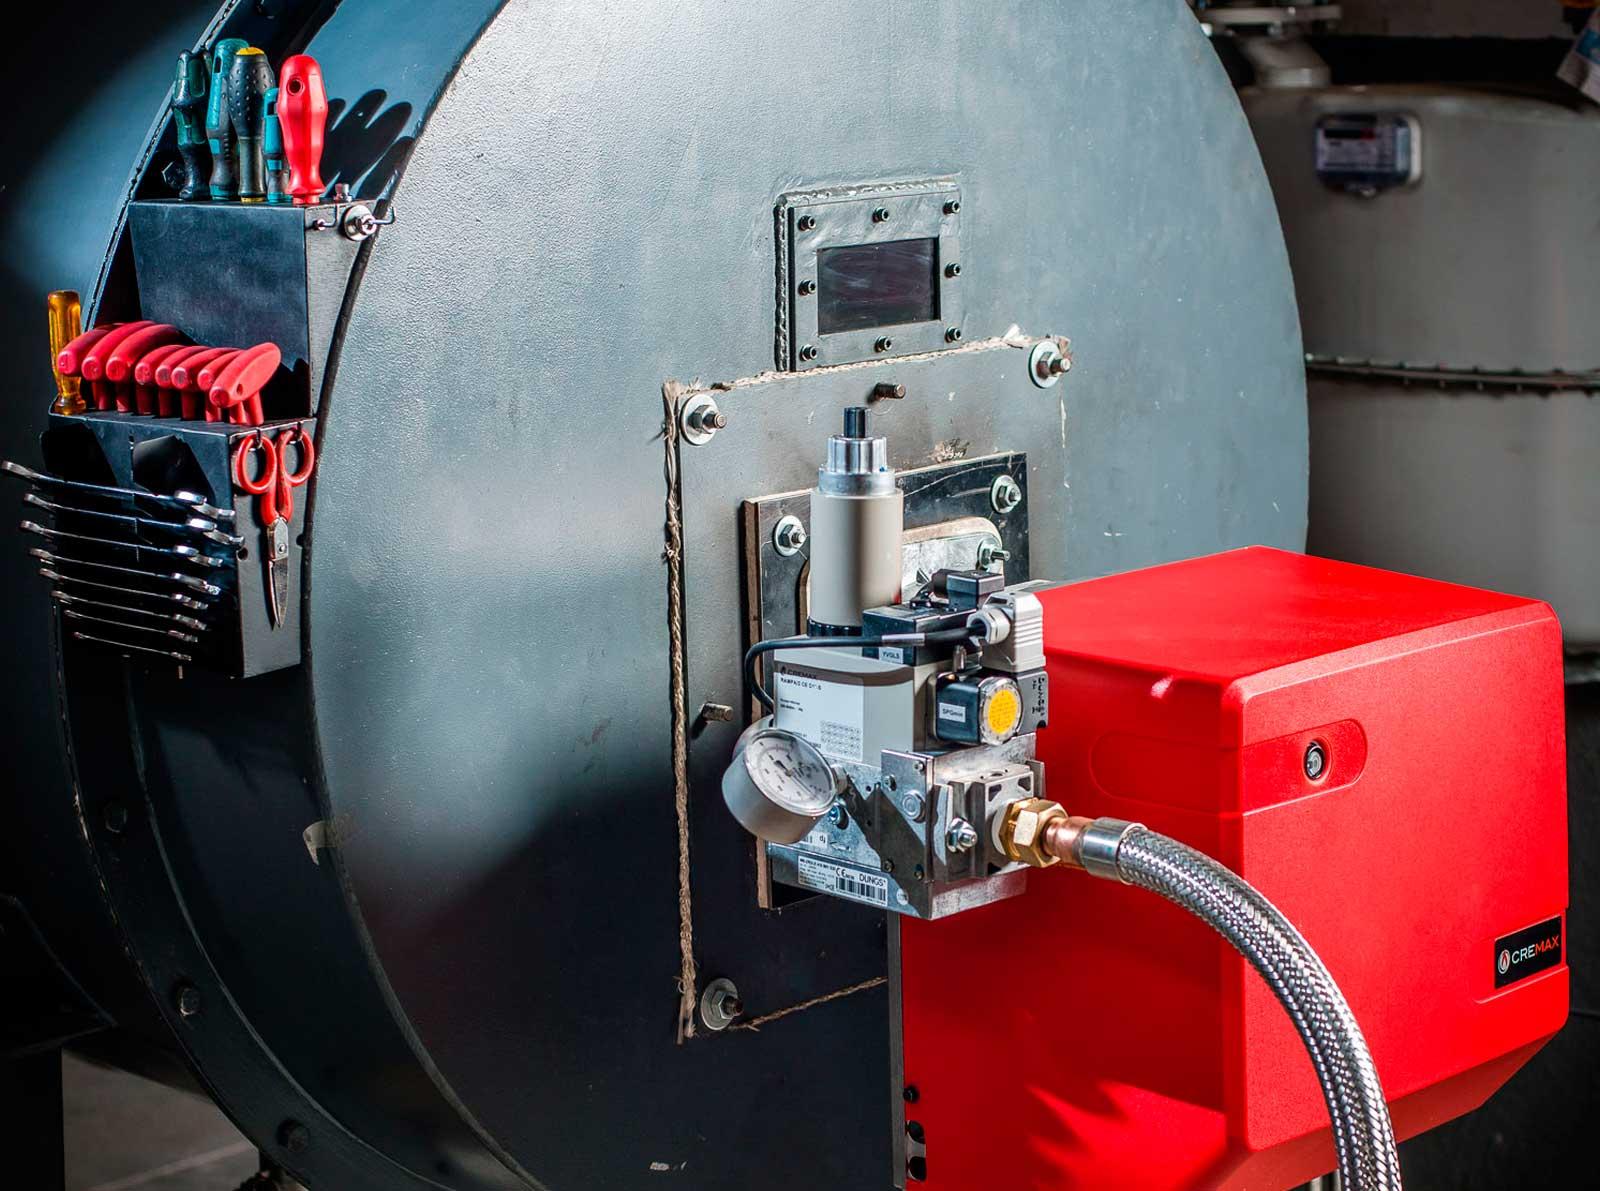 quemador-cremax-gasoleo-flamax-eficiencia-energetica-galeria-4